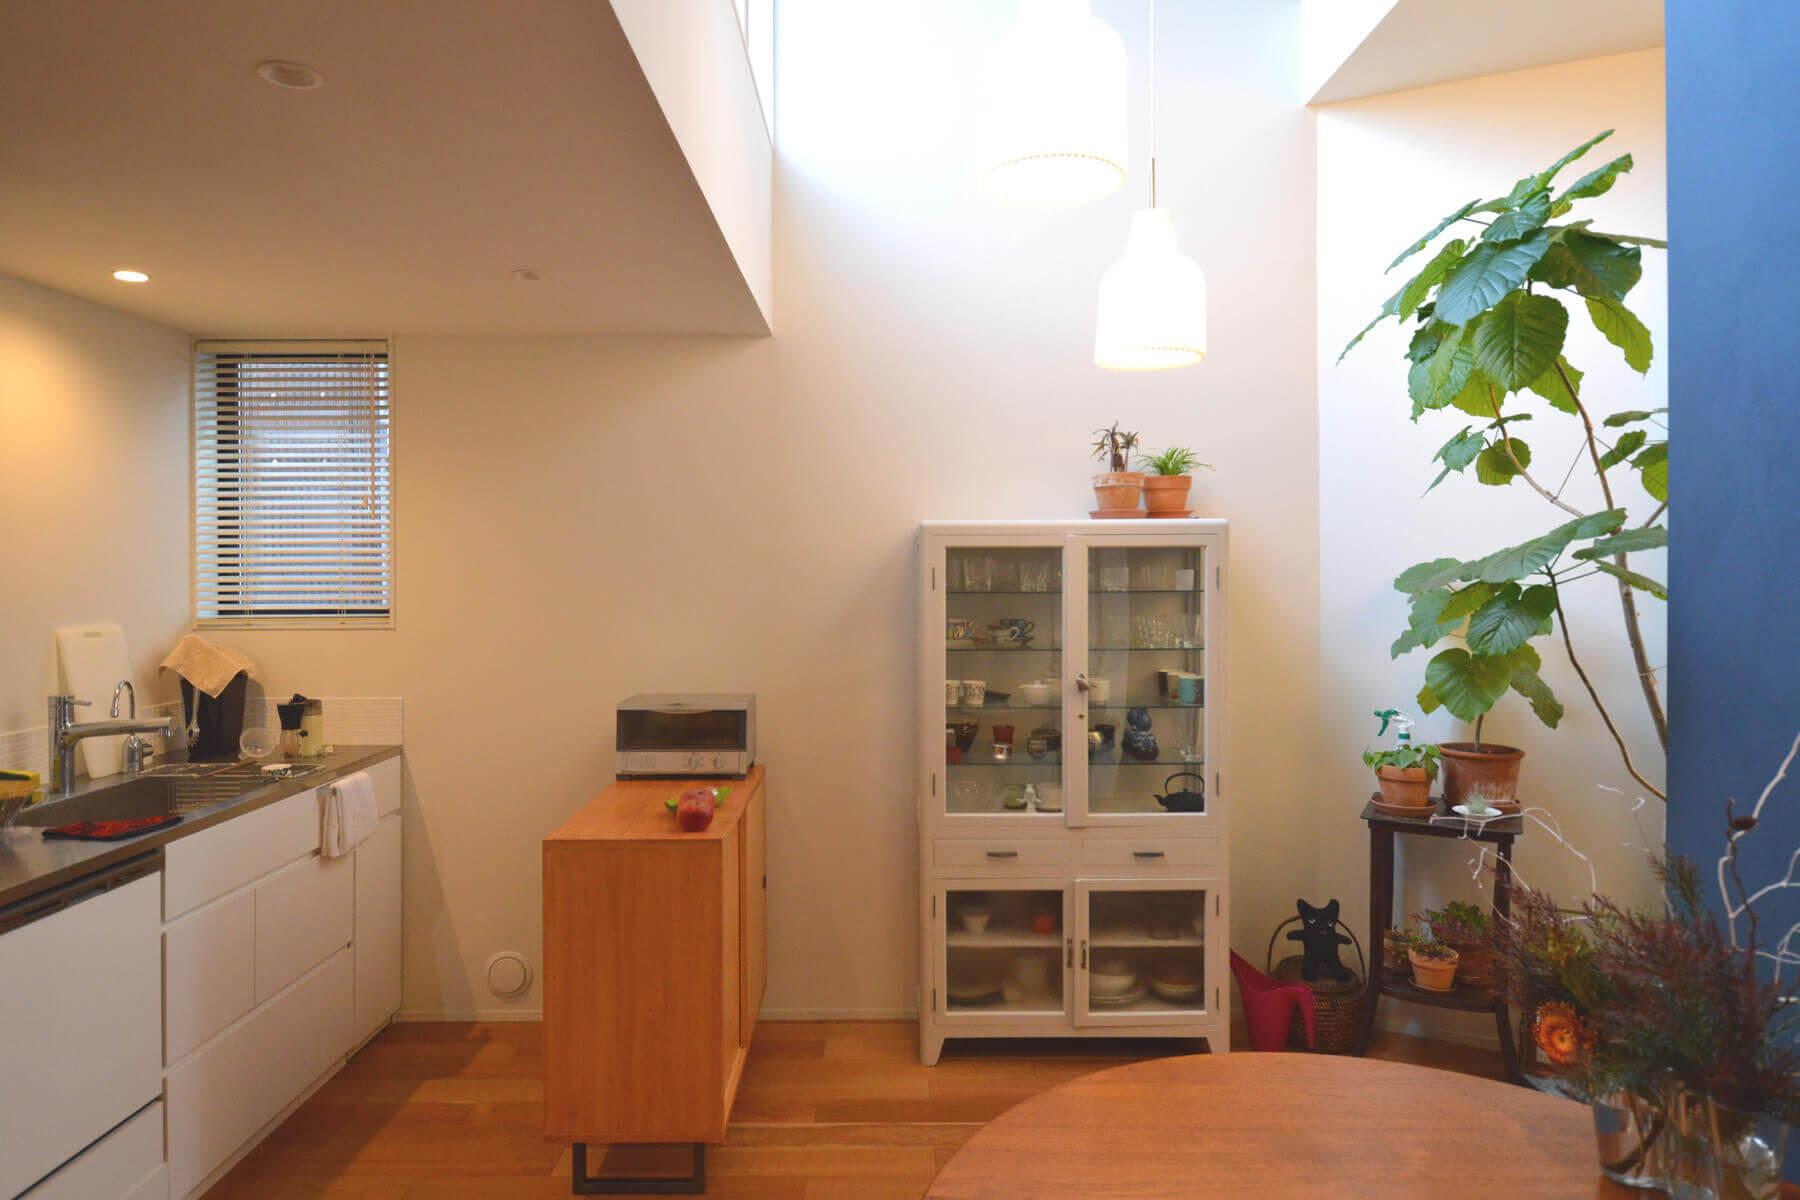 石神井U邸の内装、2階のテラスからの光が注ぐキッチン